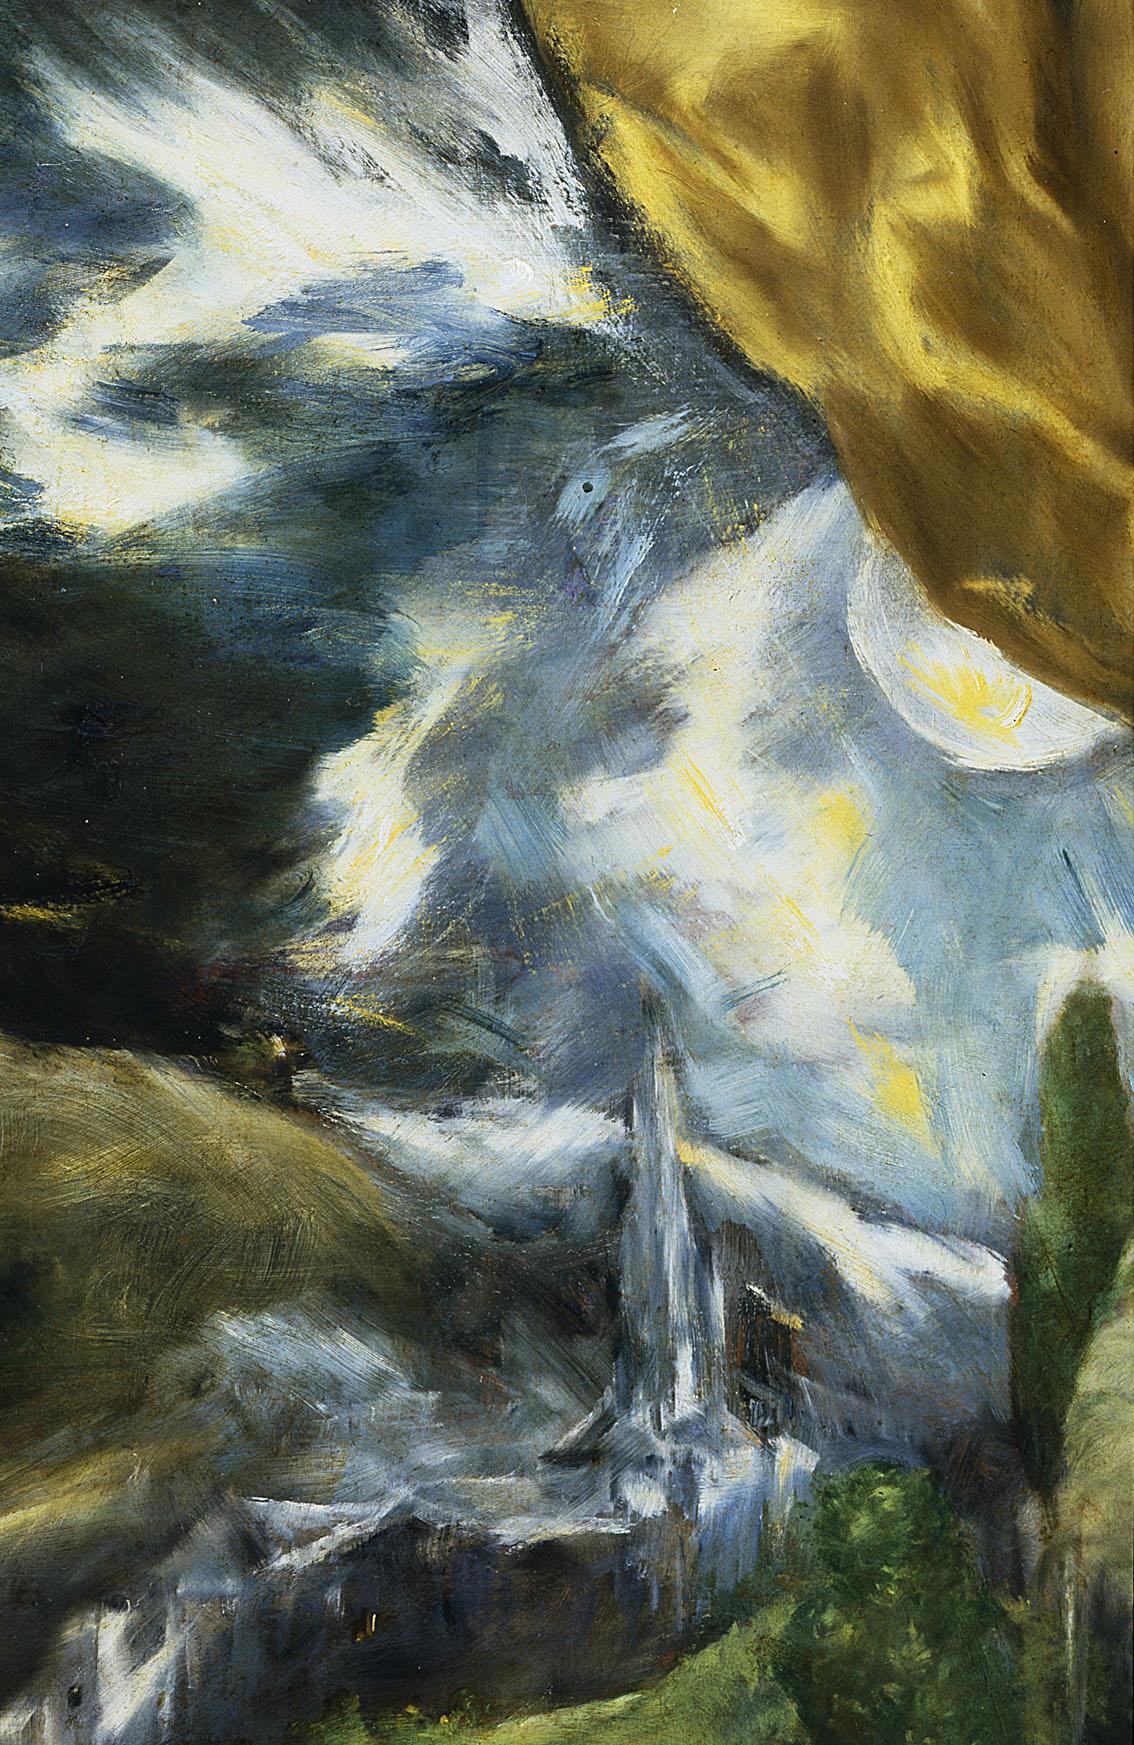 Inmaculada Oballe, óleo sobre lienzo, 1607-13, Toledo, Museo de Santa Cruz. Depósito de la Parroquia de San Nicolás de Bari.